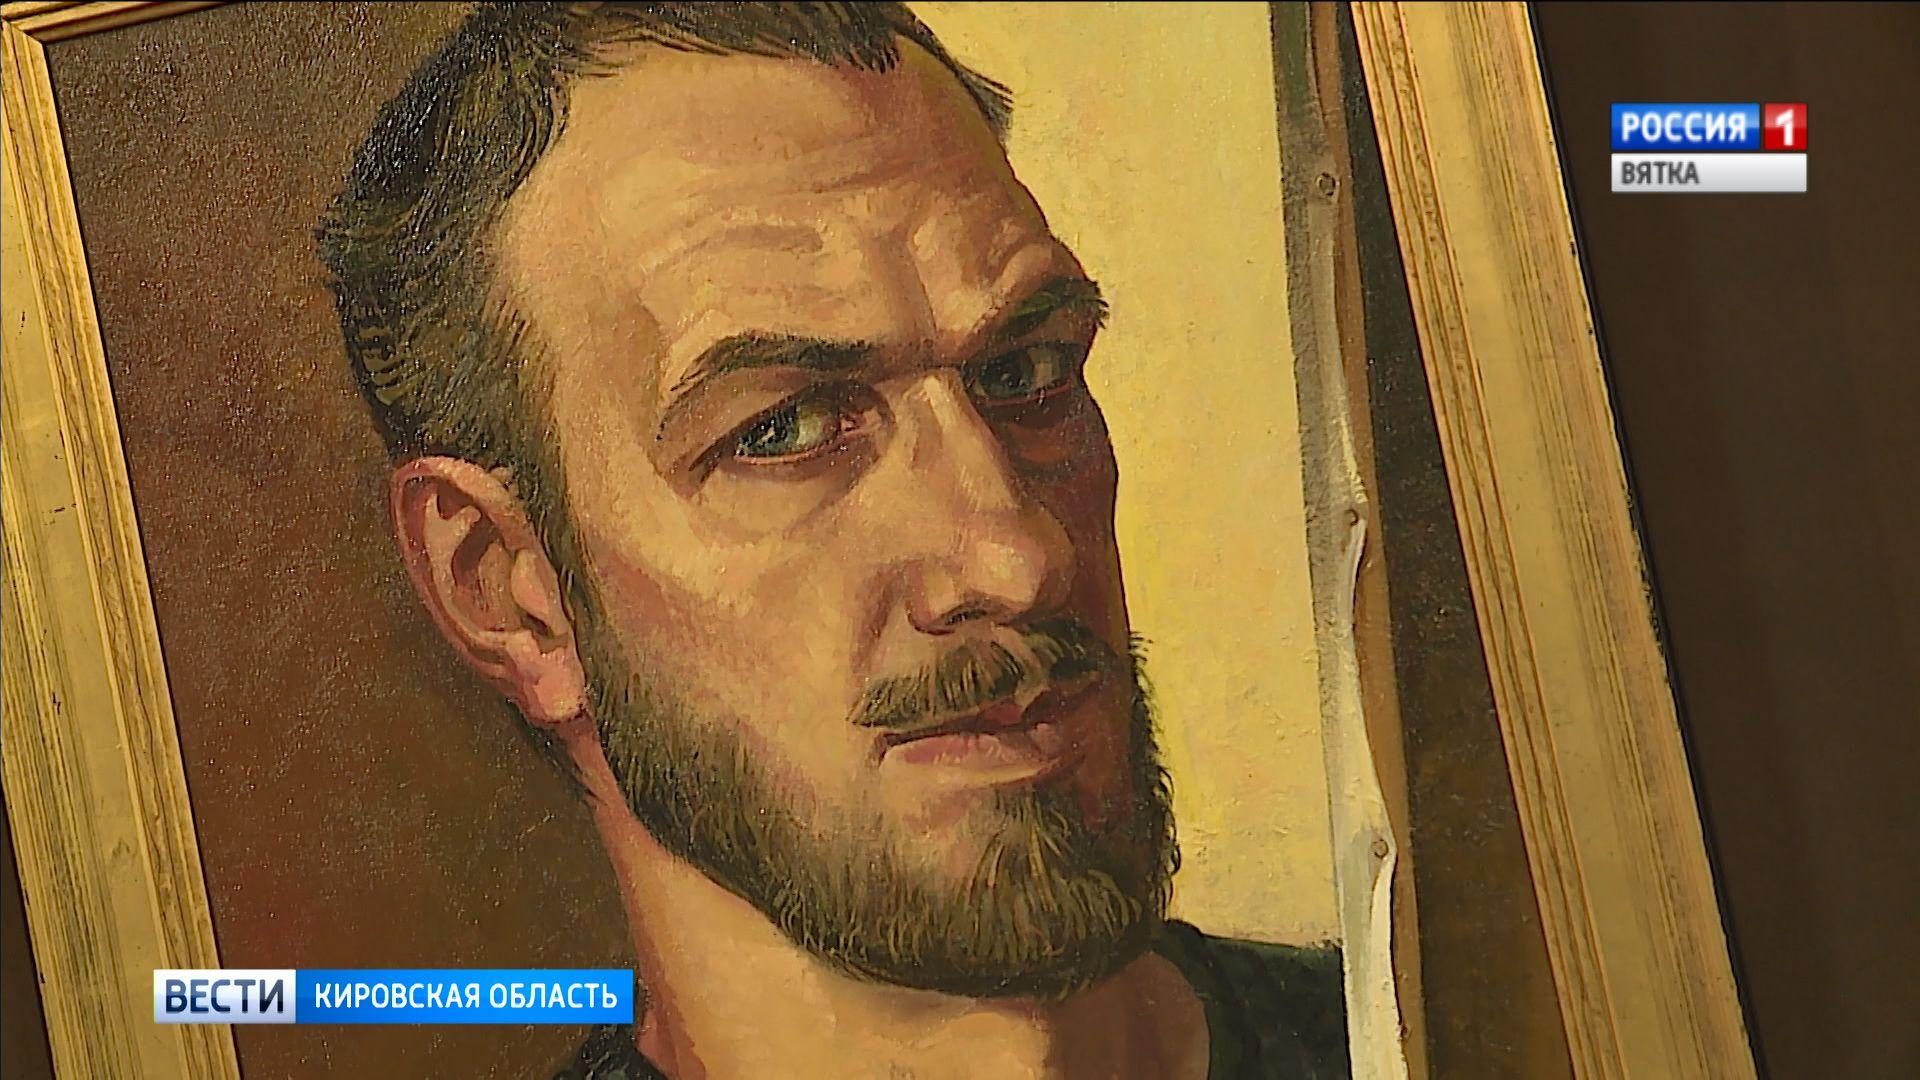 Кировчан ждет уникальный передвижной выставочный проект